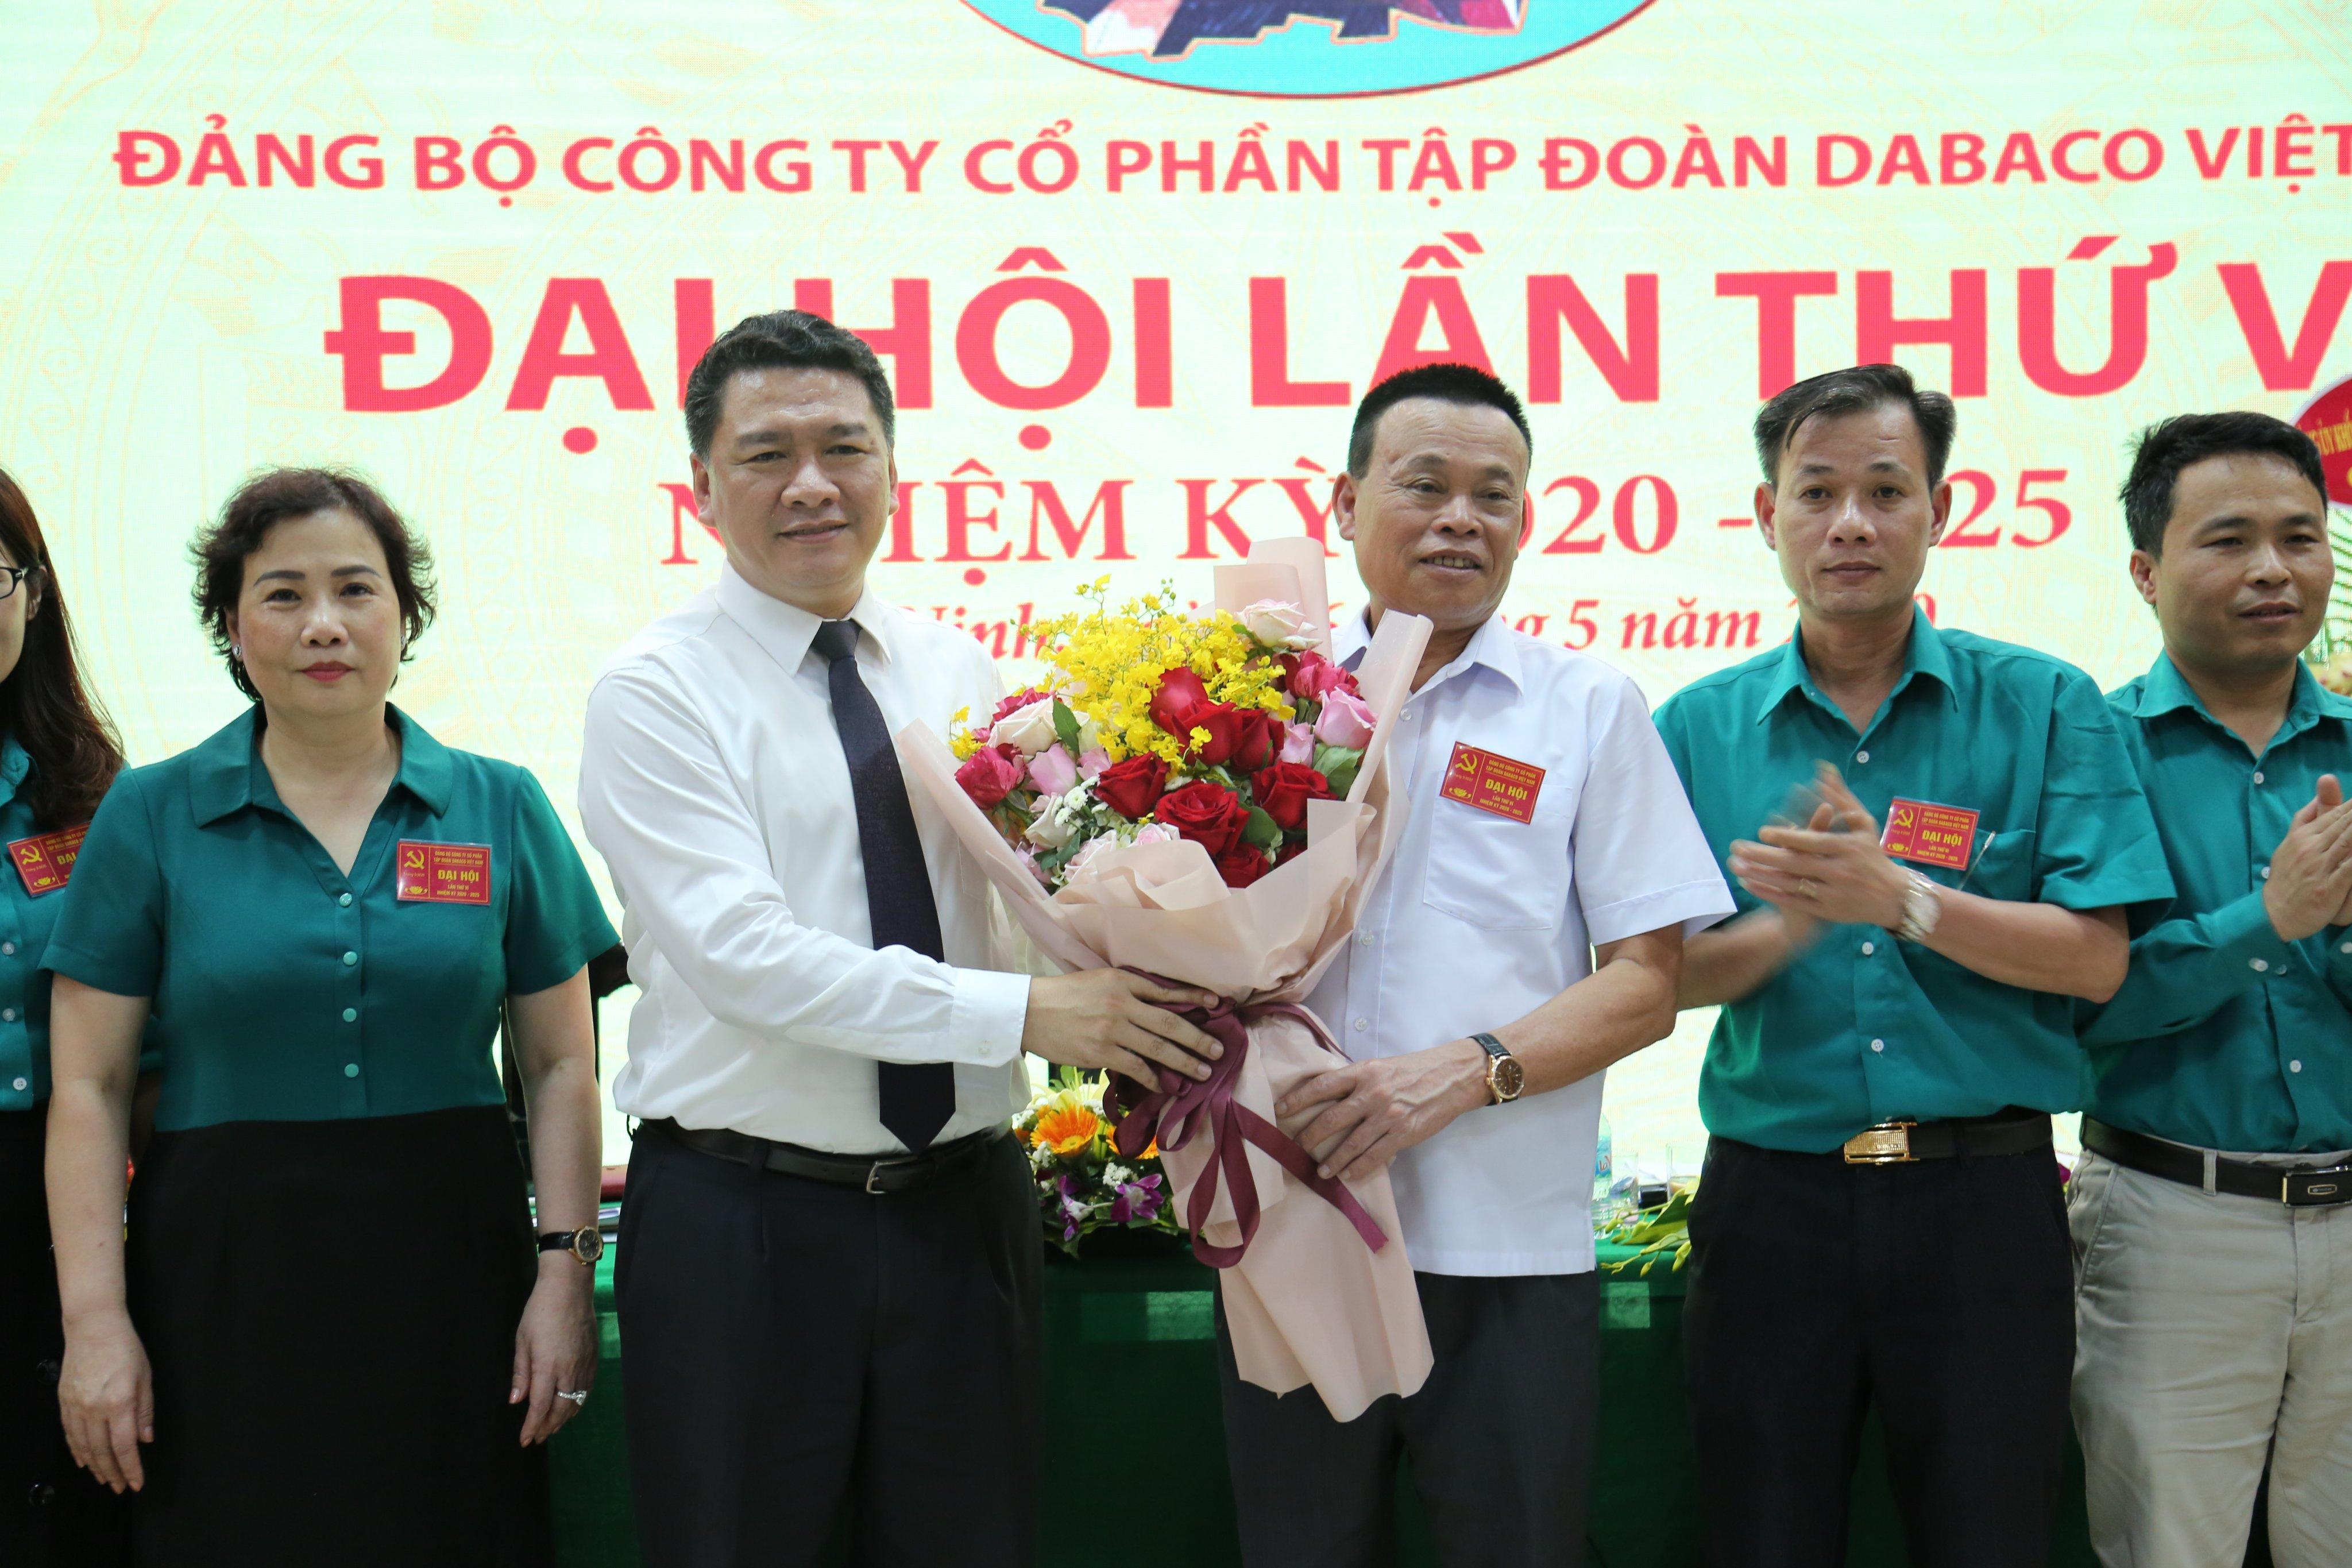 Dabaco tổ chức thành công Đại hội Đảng bộ lần thứ VI – Nhiệm kỳ 2020-2025